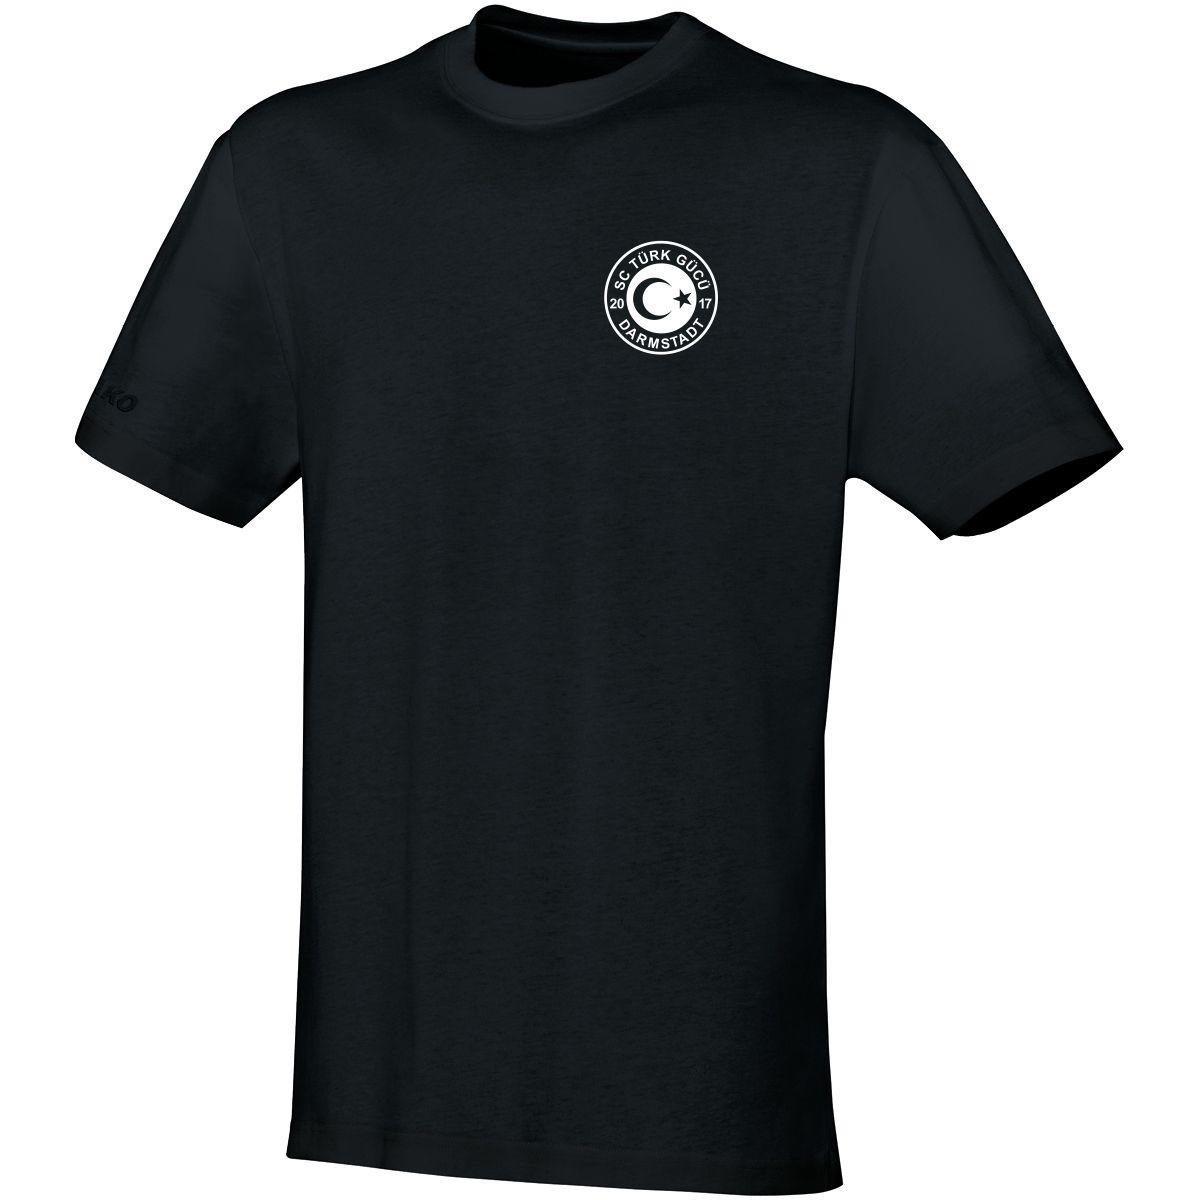 Kinder Fan T-Shirt Druck weiß oder